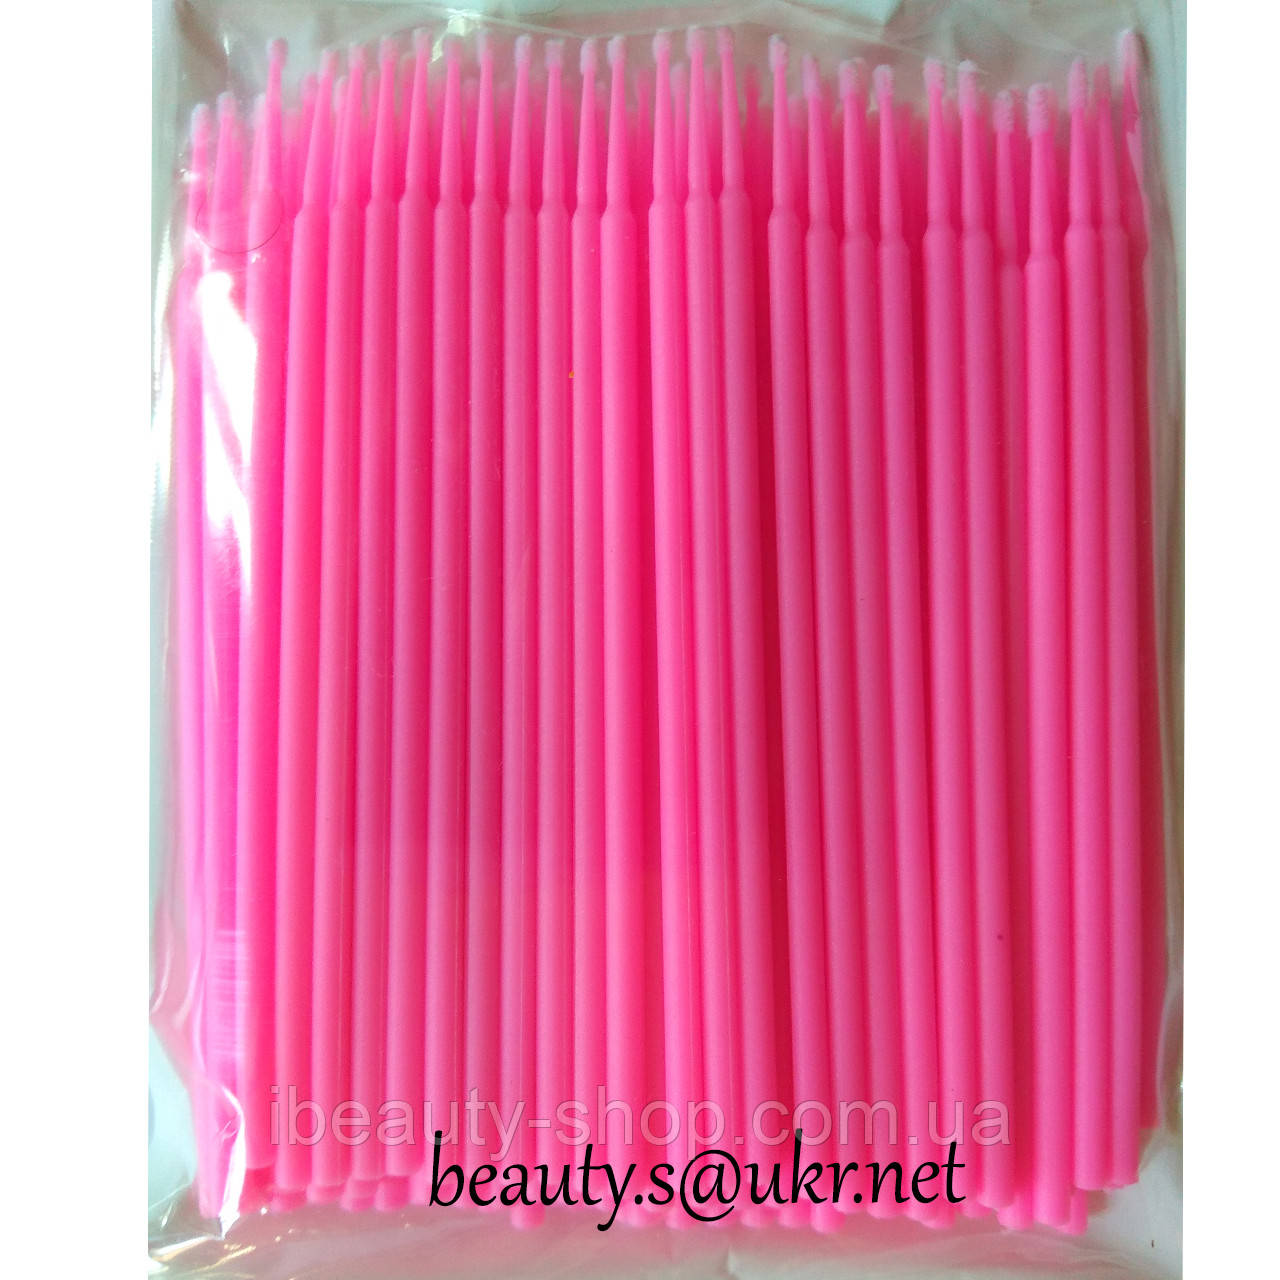 Микробраши, розовые,100 шт, 2 мм, мягкая упаковка.